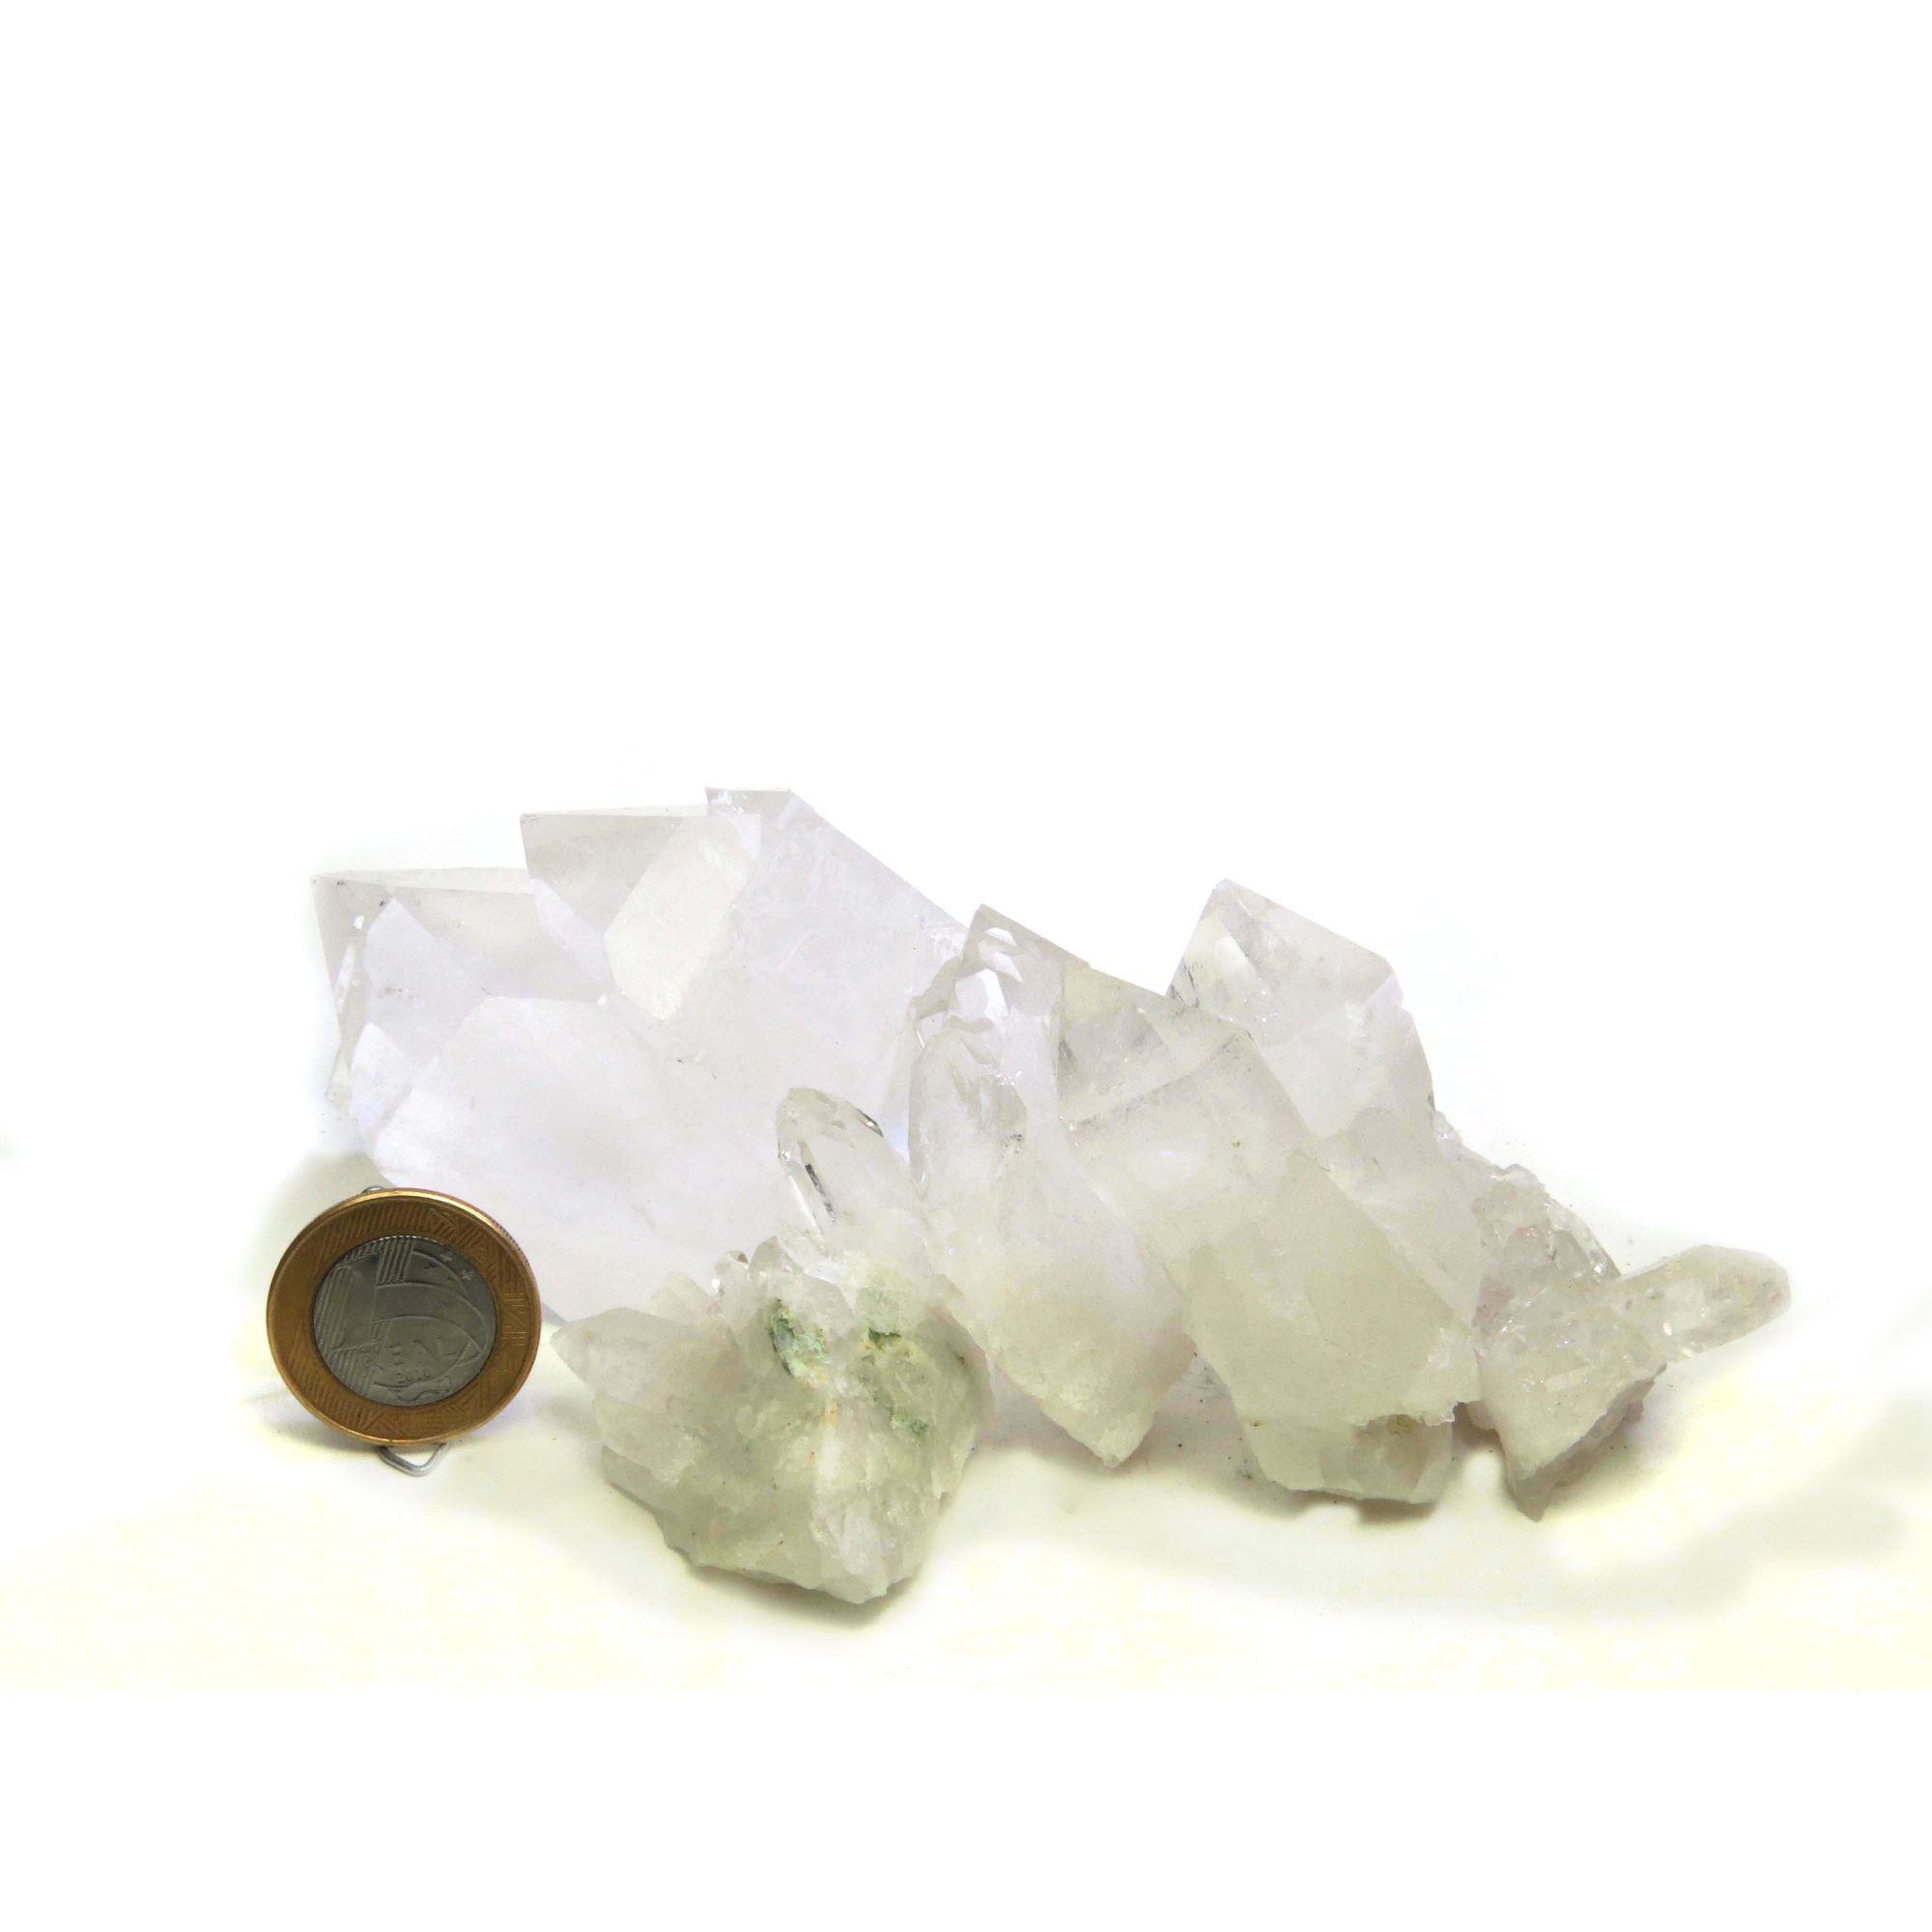 Drusa de Cristal | Pacote com 2 Unidades